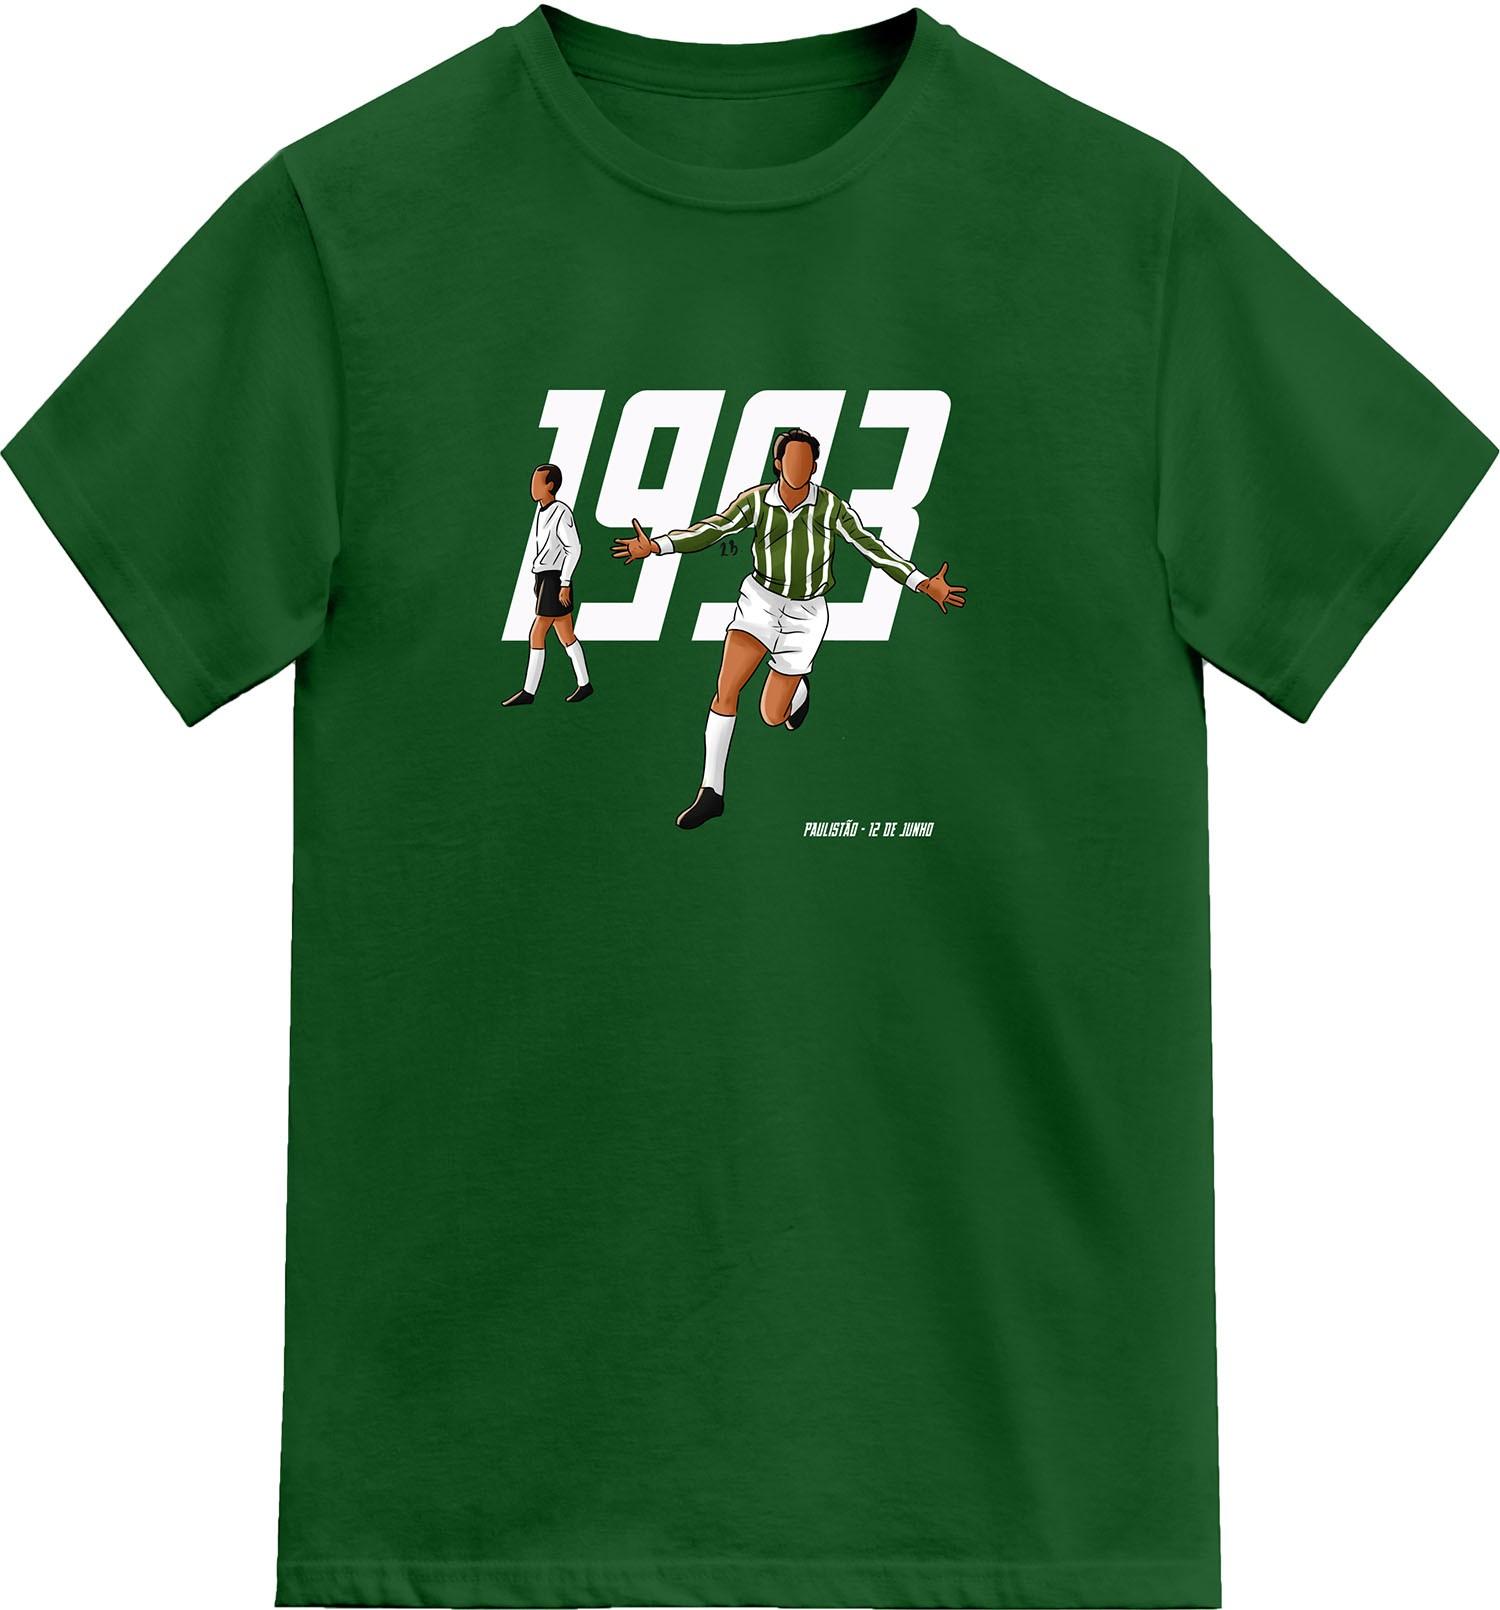 Camiseta 1993 O Retorno de um Gigante